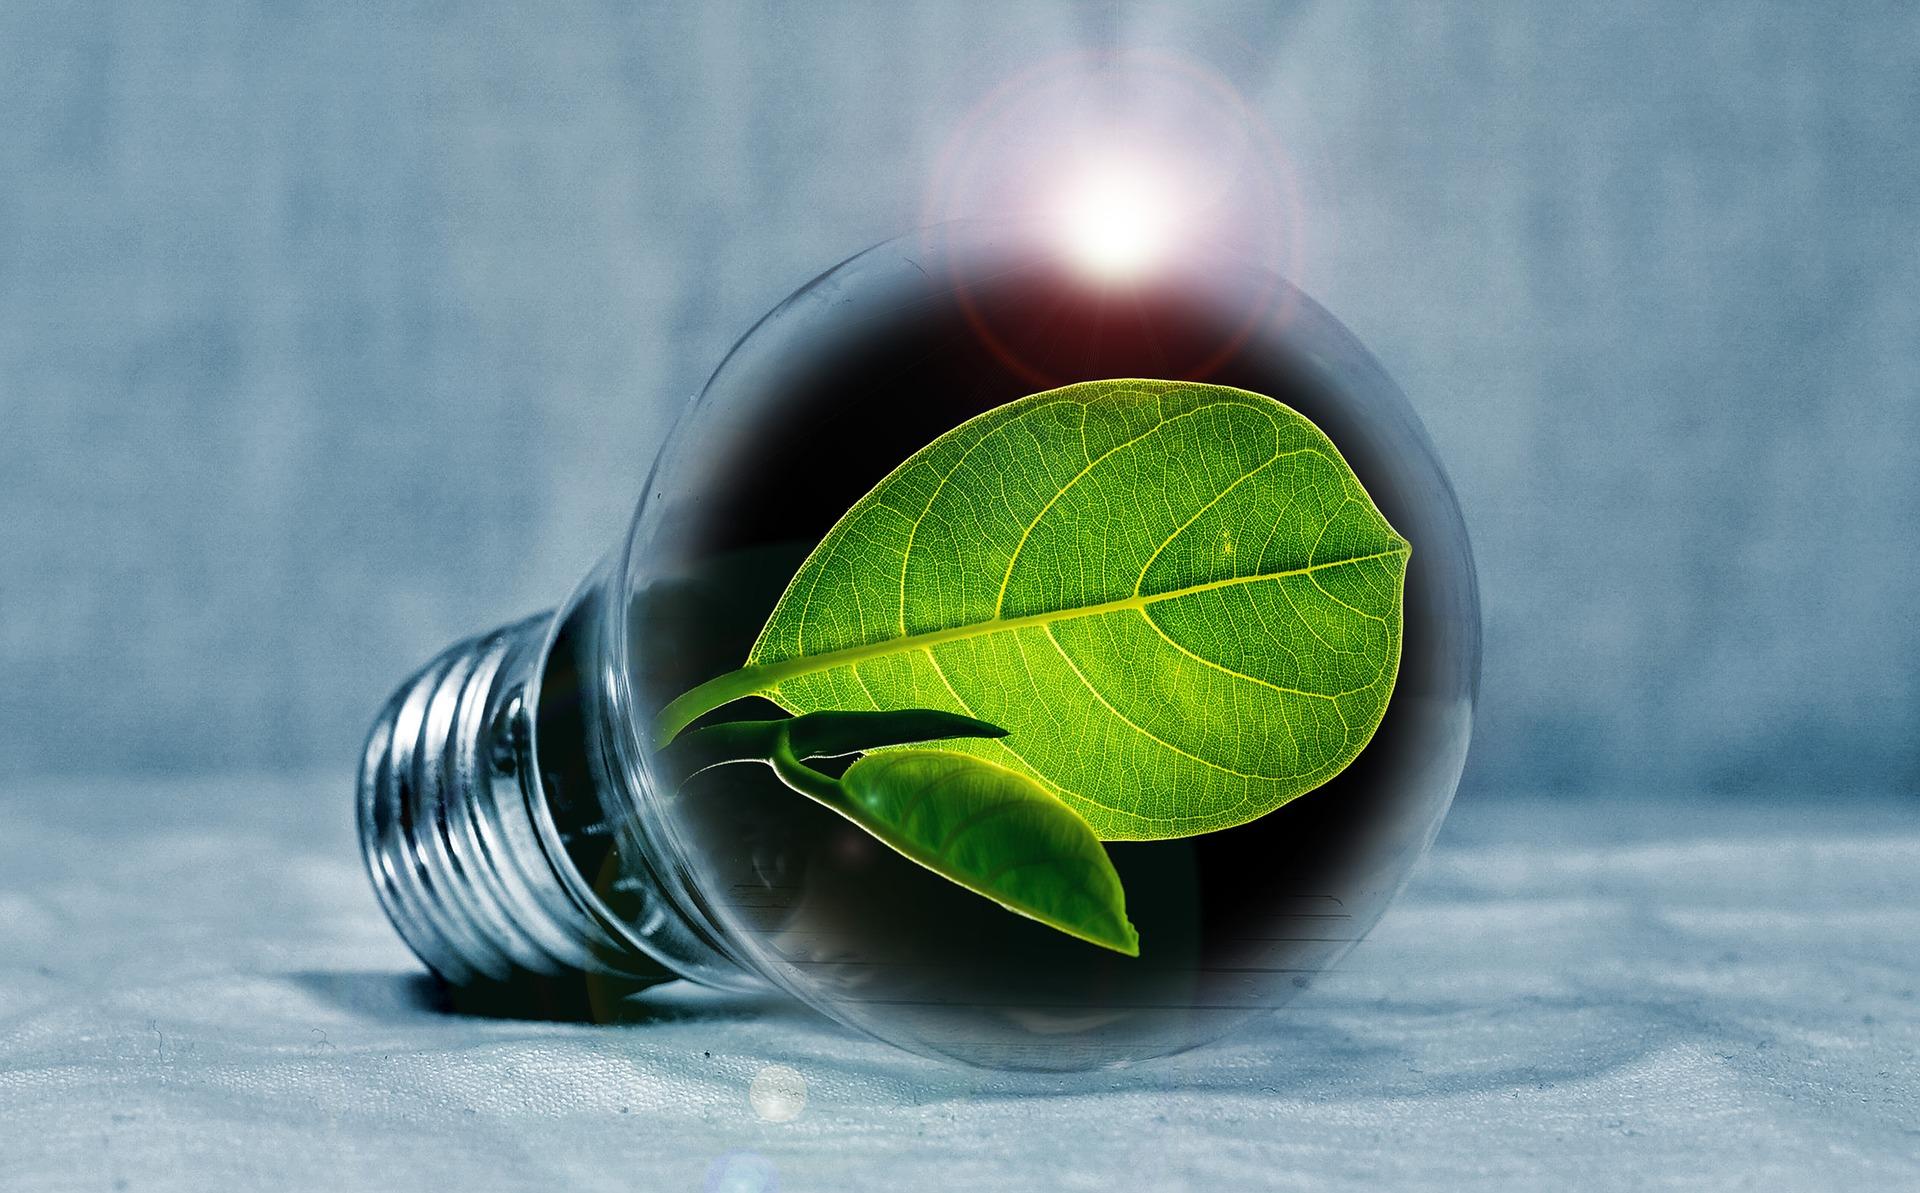 ЄБРР виділить Україні €100 млн для кредитів з енергозбереження